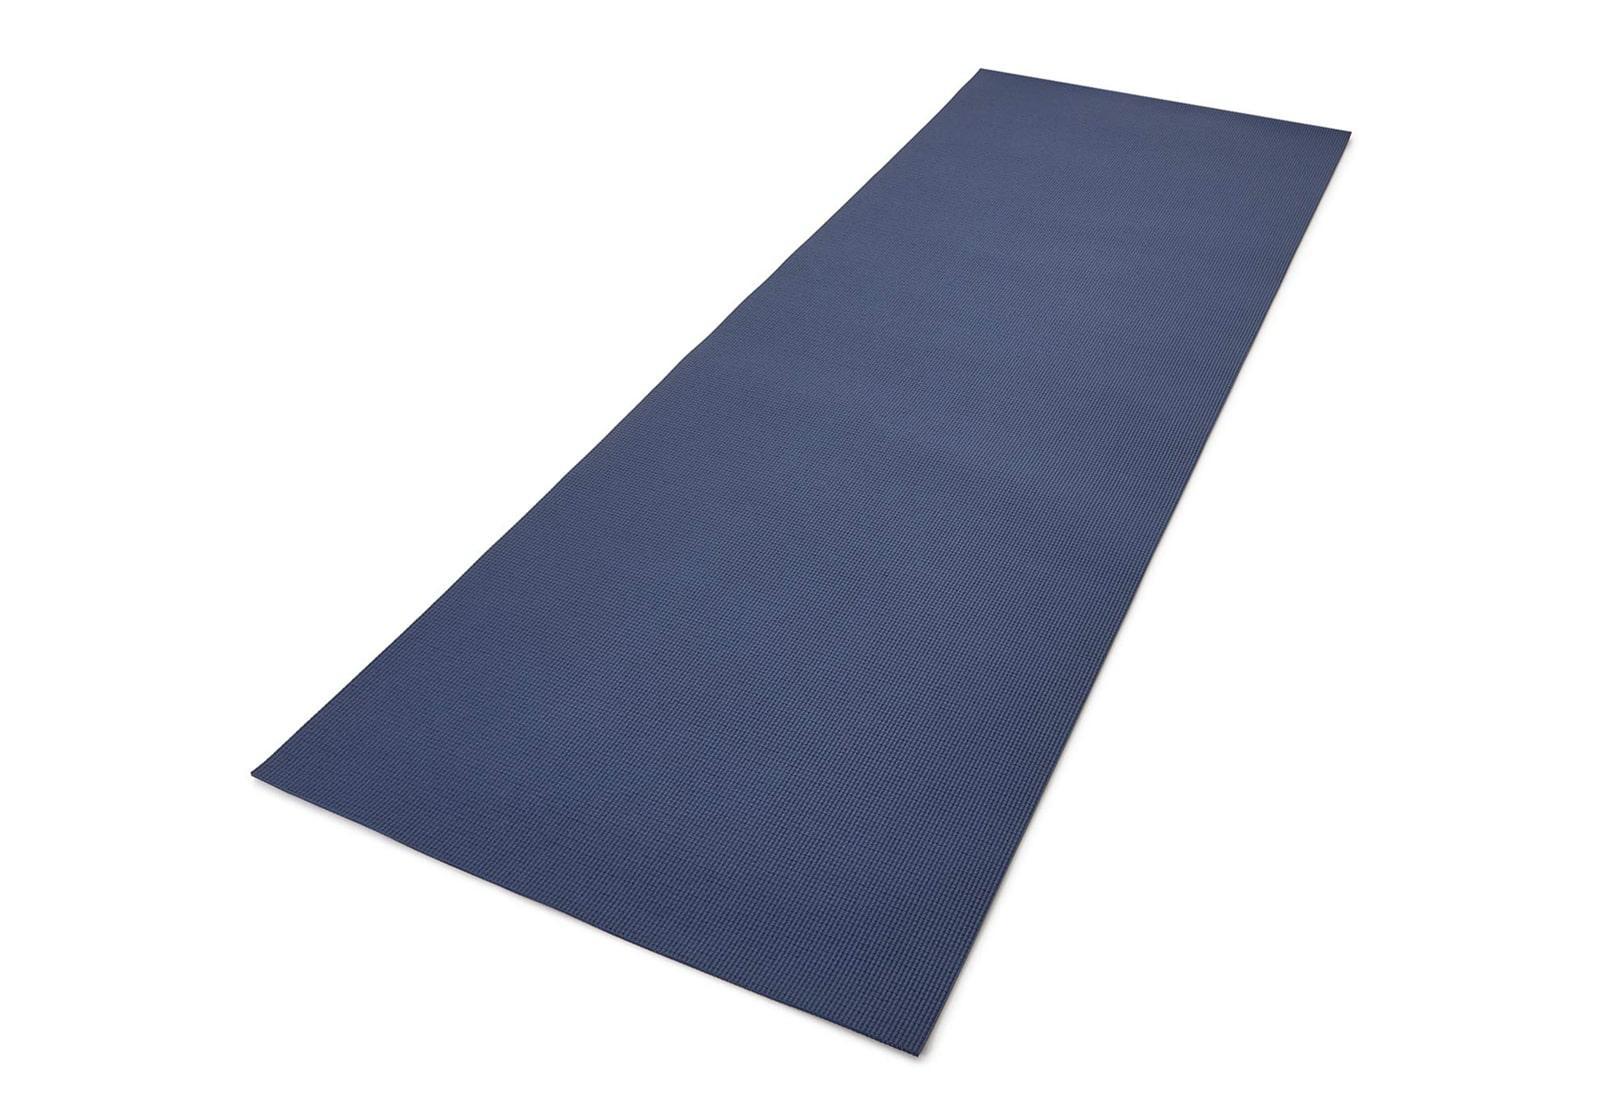 Фото Двухсторонний коврик для йоги Reebok 4 мм Blue Brush